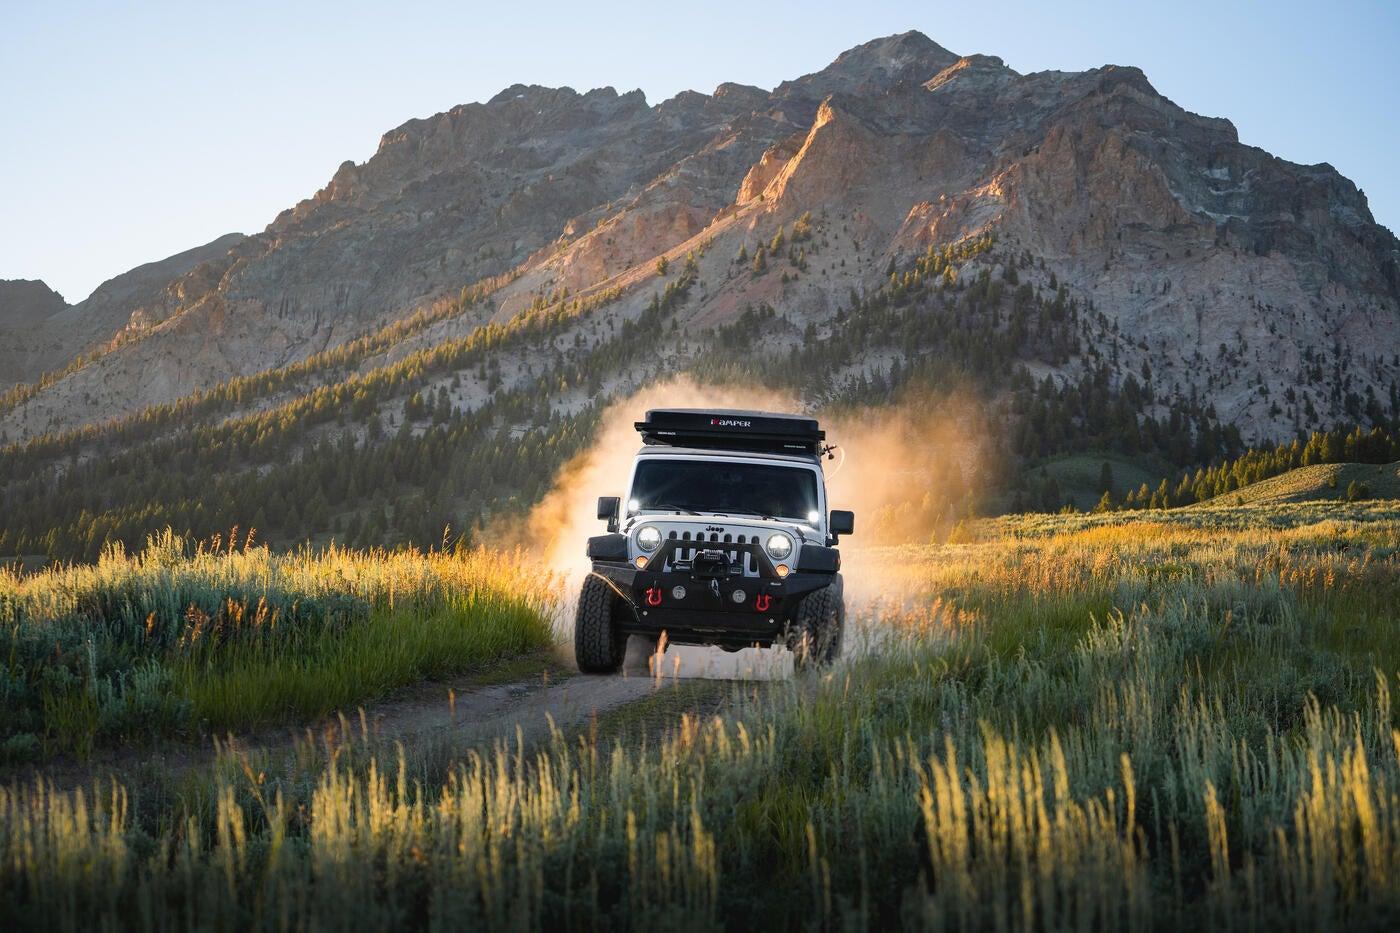 ¿Te gustaría dejar tu trabajo para ir a explorar con tu cámara en un Jeep? Así lo hizo este fotógrafo y cineasta.